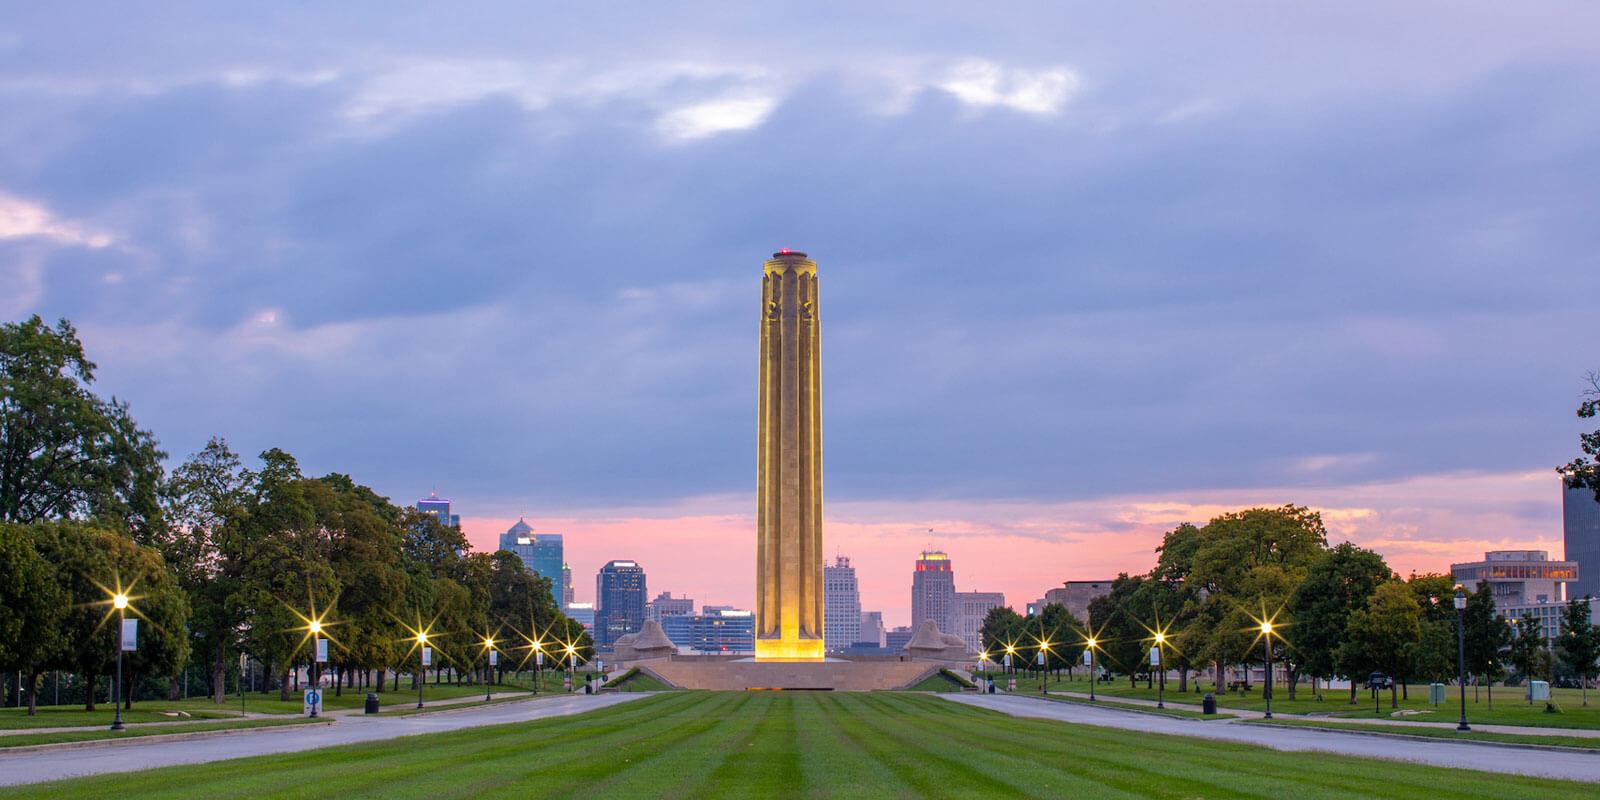 City View of Kansas - Schumacher Group